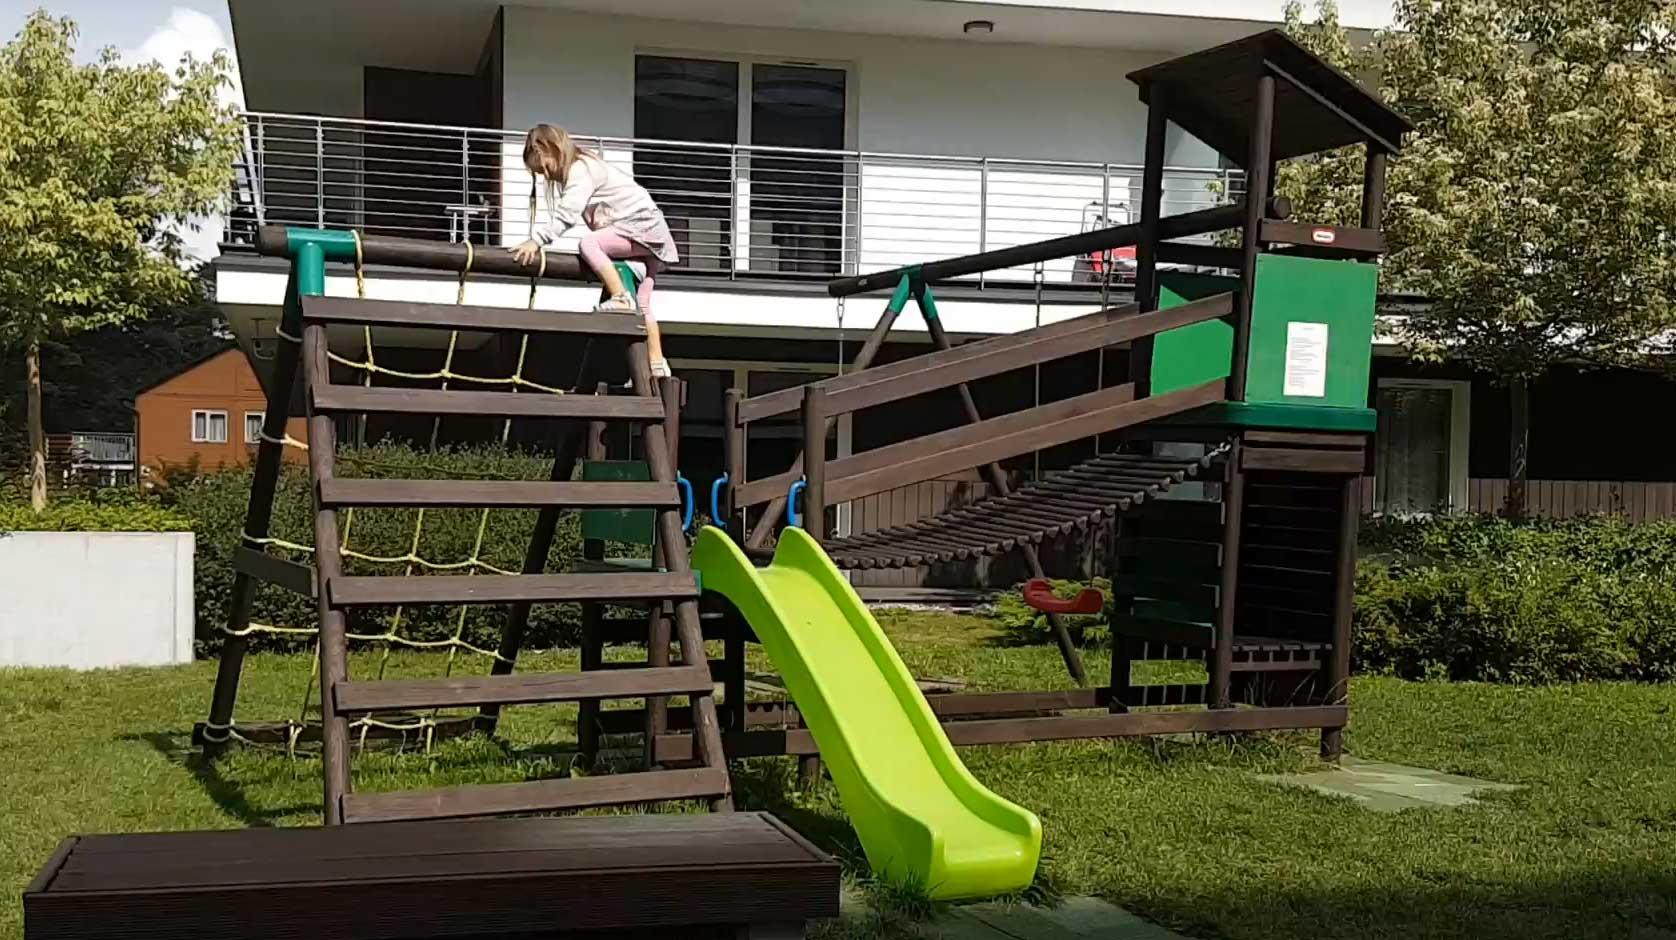 Full Size of Spielturm Test 2020 Vergleich Der Besten Spieltrme Trennwände Garten Whirlpool Vertikaler Spaten Trampolin Loungemöbel Kandelaber Lounge Sofa Fußballtore Wohnzimmer Kinderturm Garten